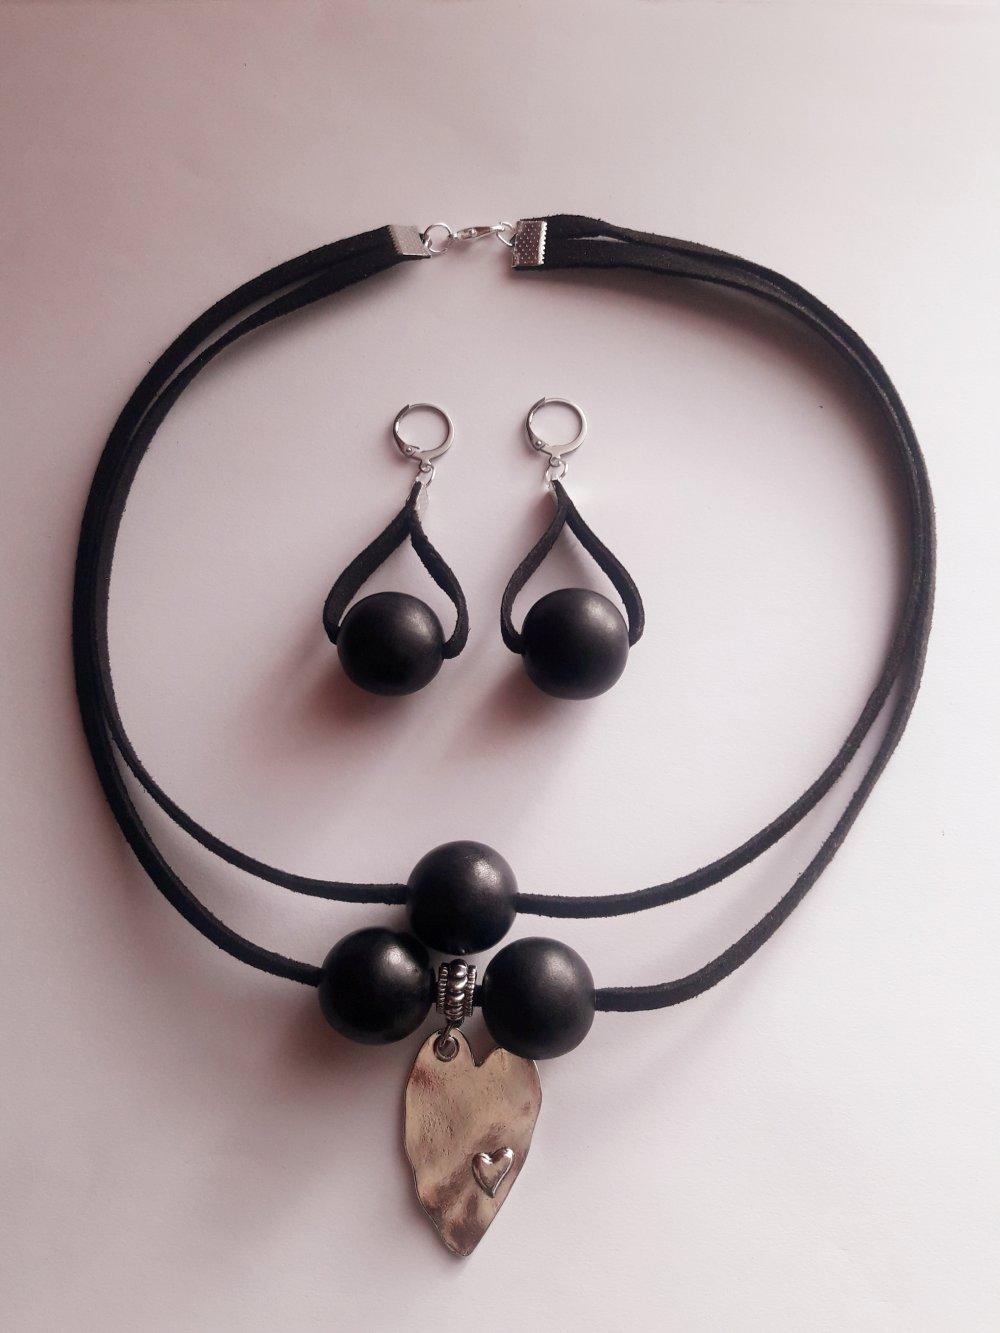 Parure collier boucles d'oreilles /perles en bois artisanales/noir